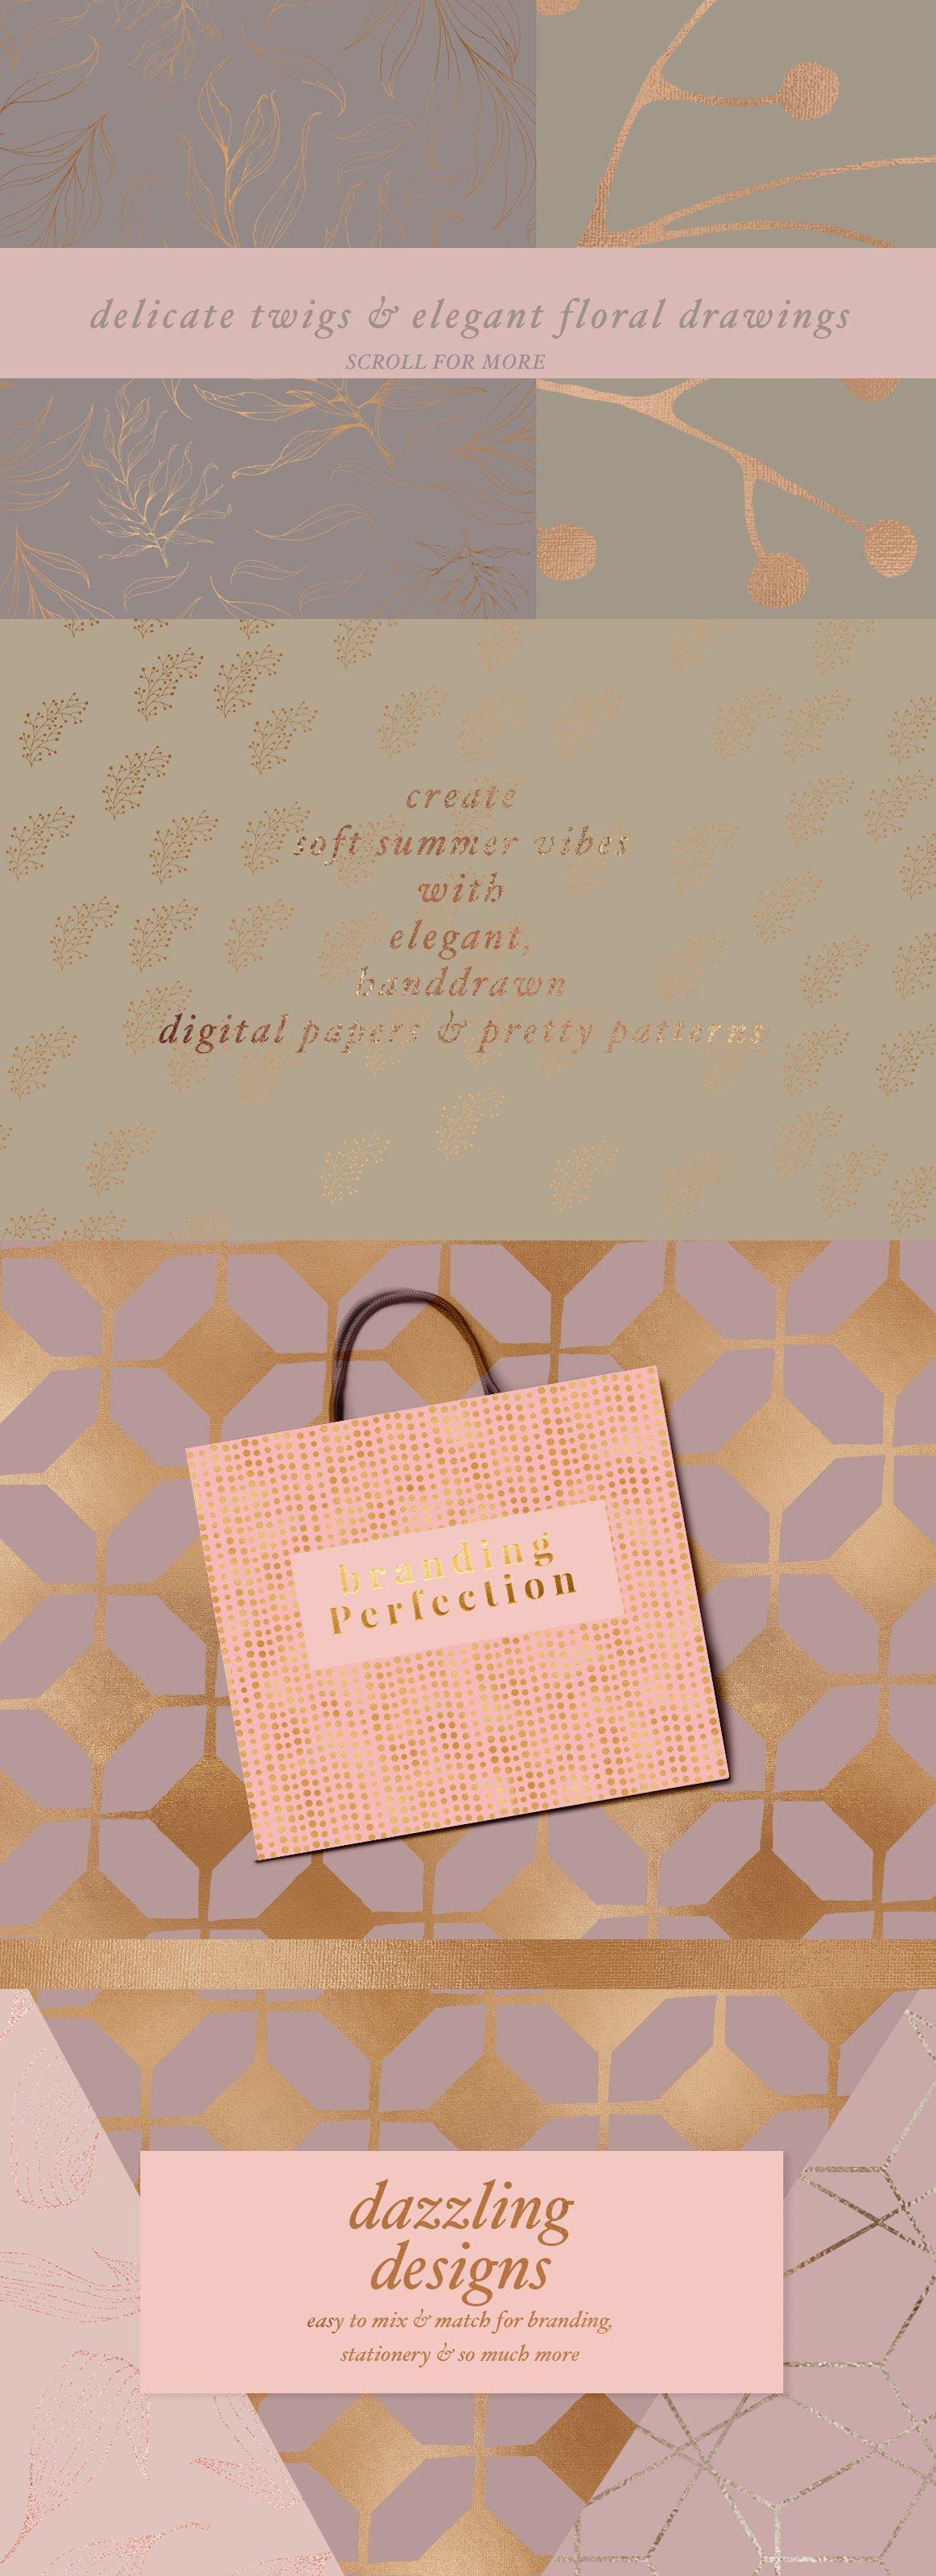 高品质的手绘花卉矢量插图&优雅数码纸纹理集合 70 Gold Patterns & Illustrations插图(1)